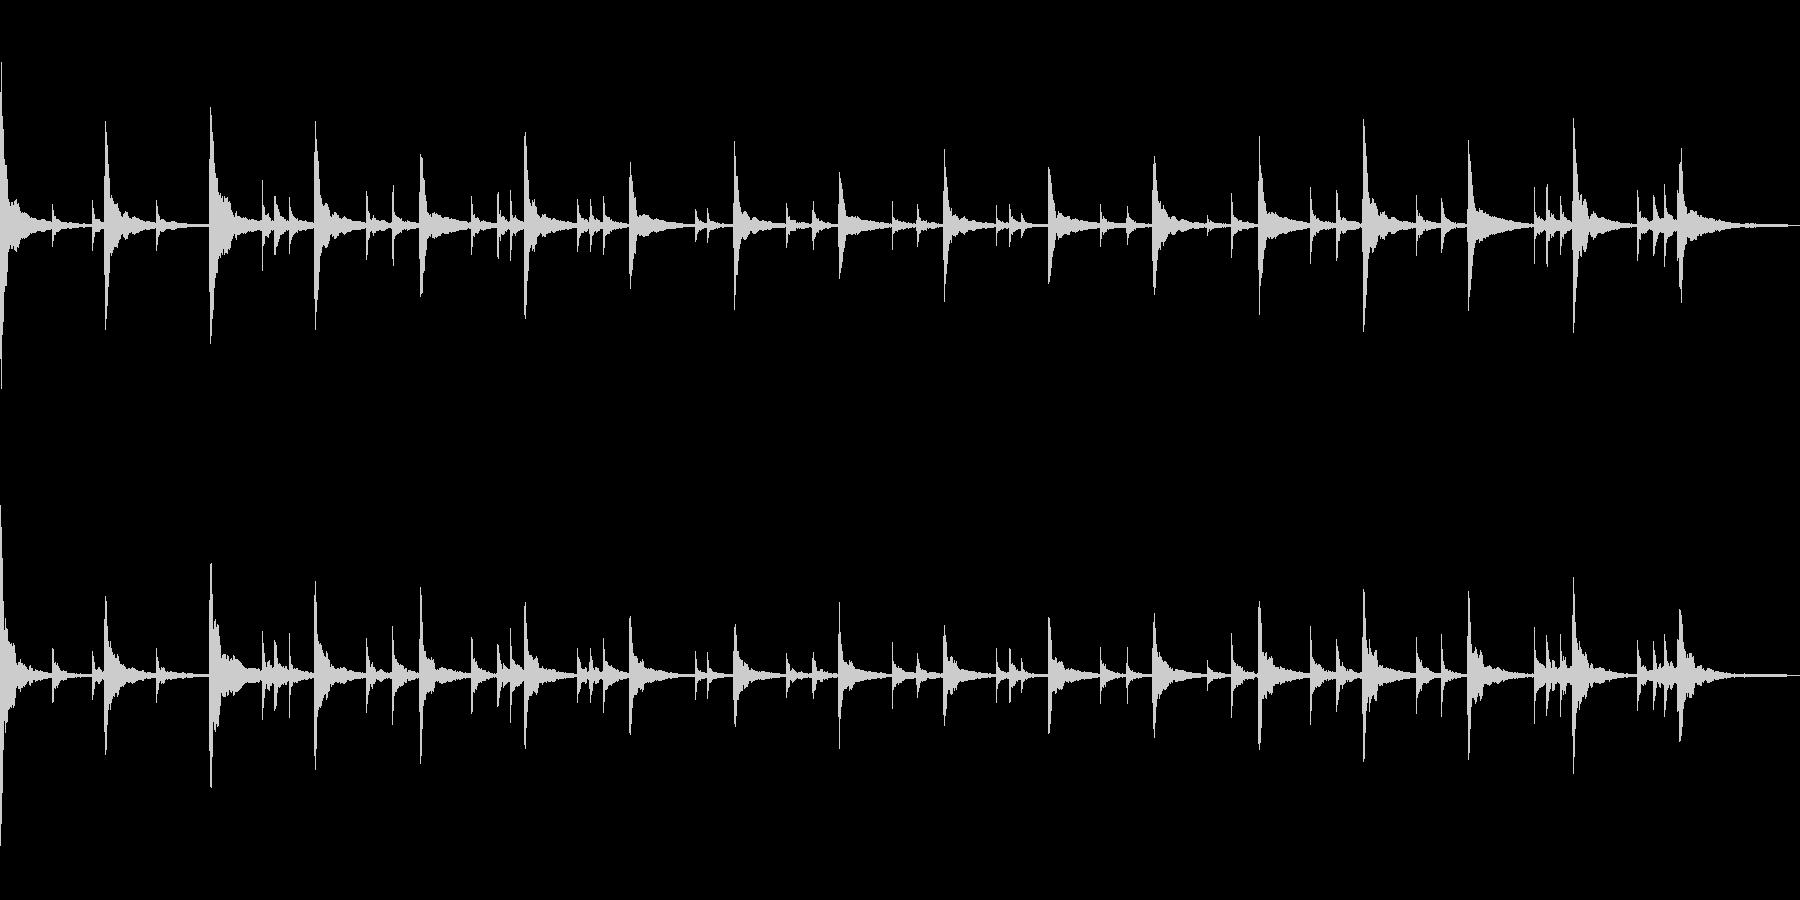 ドキュメンタリー風ピアノソロの未再生の波形